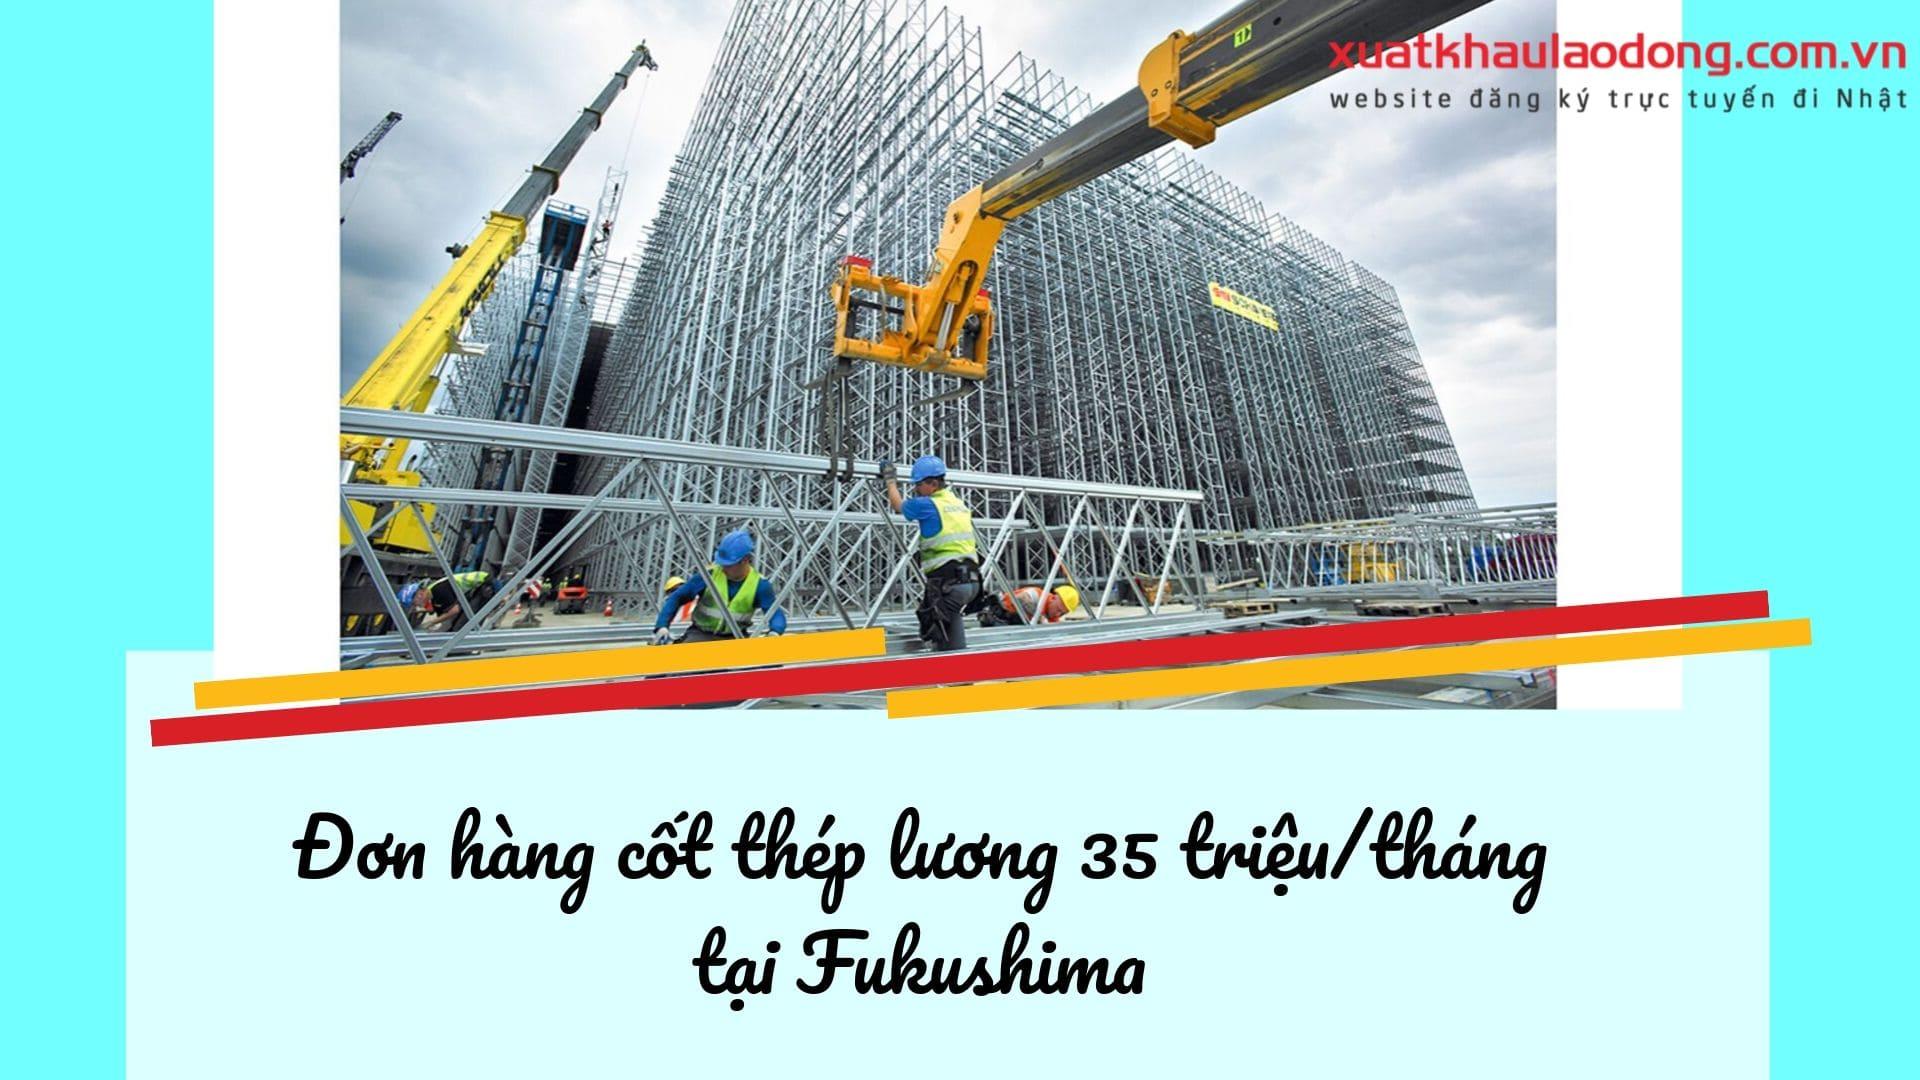 Đơn hàng thi công cốt thép tại Fukushima lương cao, xuất cảnh trong 6 tháng